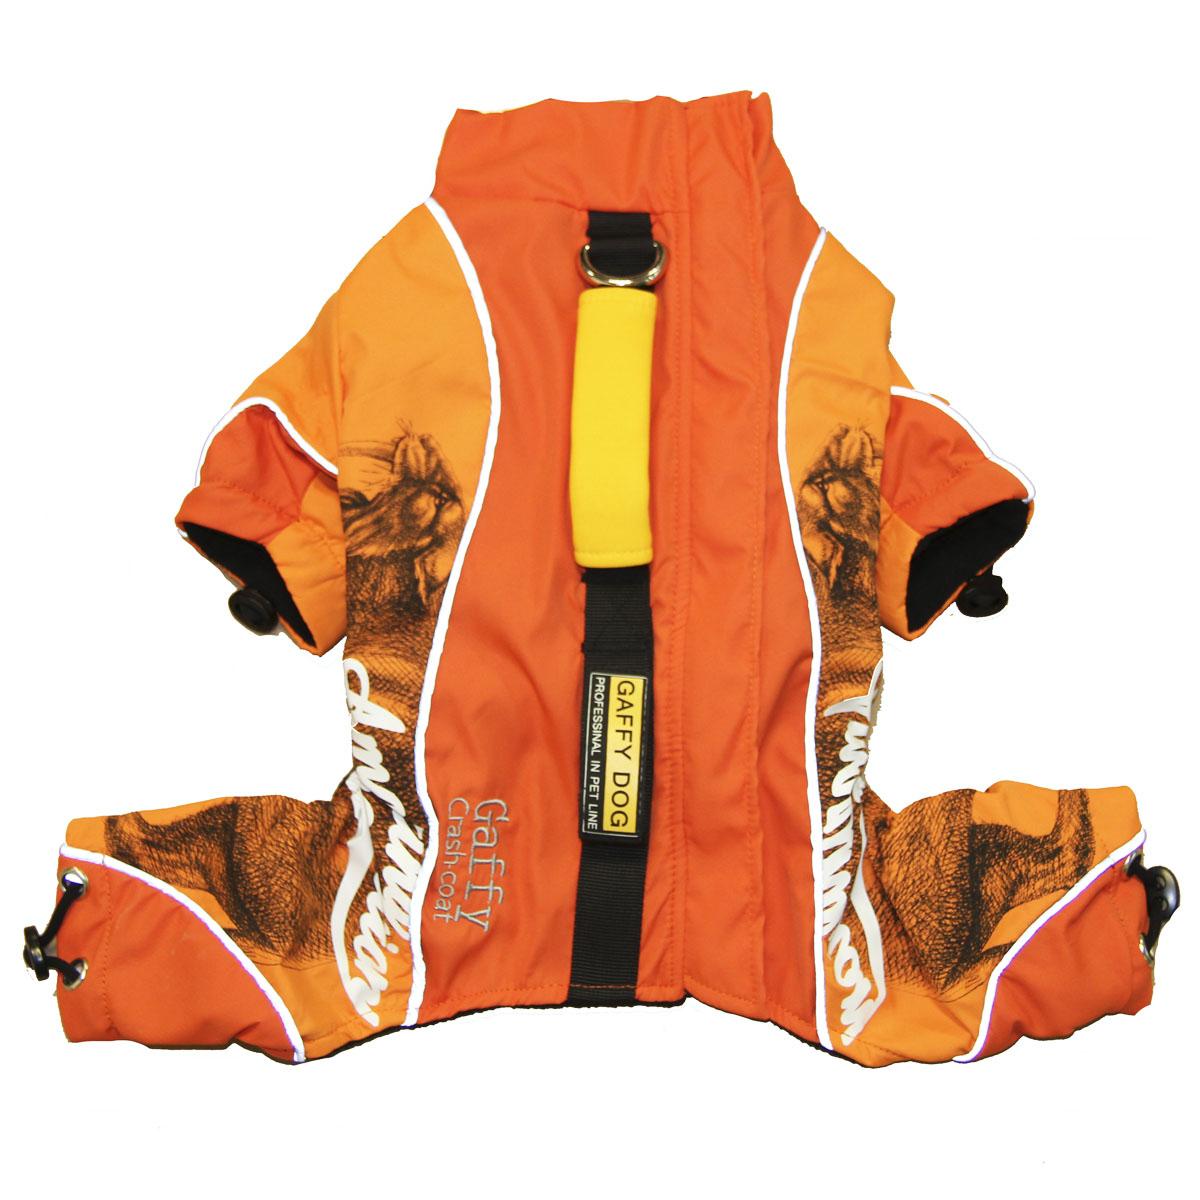 Дождевик для собак Gaffy Pet Pro, унисекс, цвет: оранжевый. Размер 4XL11026 XXXXLС дождевиком для собак Gaffy Pet Pro теперь прогулка возможна при любой погоде.На животе есть специальные резинки для лучшей посадки. Все рукава снабжены эластичными лентами с фиксаторами для того, чтобы ни ветер, ни влага не попали внутрь.Дождевик легко надевается и застегивается на молнию на спине. Молния также закрыта водонепроницаемой планкой из нейлона.На спине вшита специальная лента, где закреплено кольцо для поводка, имеется ручка для переноски, а также вторая дополнительная ручка-водилка.Дождевик незаменим при активных прогулках и походах. Да и просто очень удобно использовать для переноски.Все дождевики снабжены светоотражающими элементами. Даже в сумерки и ночью вы легко найдете свою собаку при помощи света от фар или фонарей.Модель имеет интересный принт и яркую расцветку. Подойдет всем собакам.Данные модели дождевиков были запатентованы как полезная модель. Патент # 2014125392.Обхват шеи: 55 см.Обхват груди: 112 см.Длина спины: 72 см.Одежда для собак: нужна ли она и как её выбрать. Статья OZON Гид